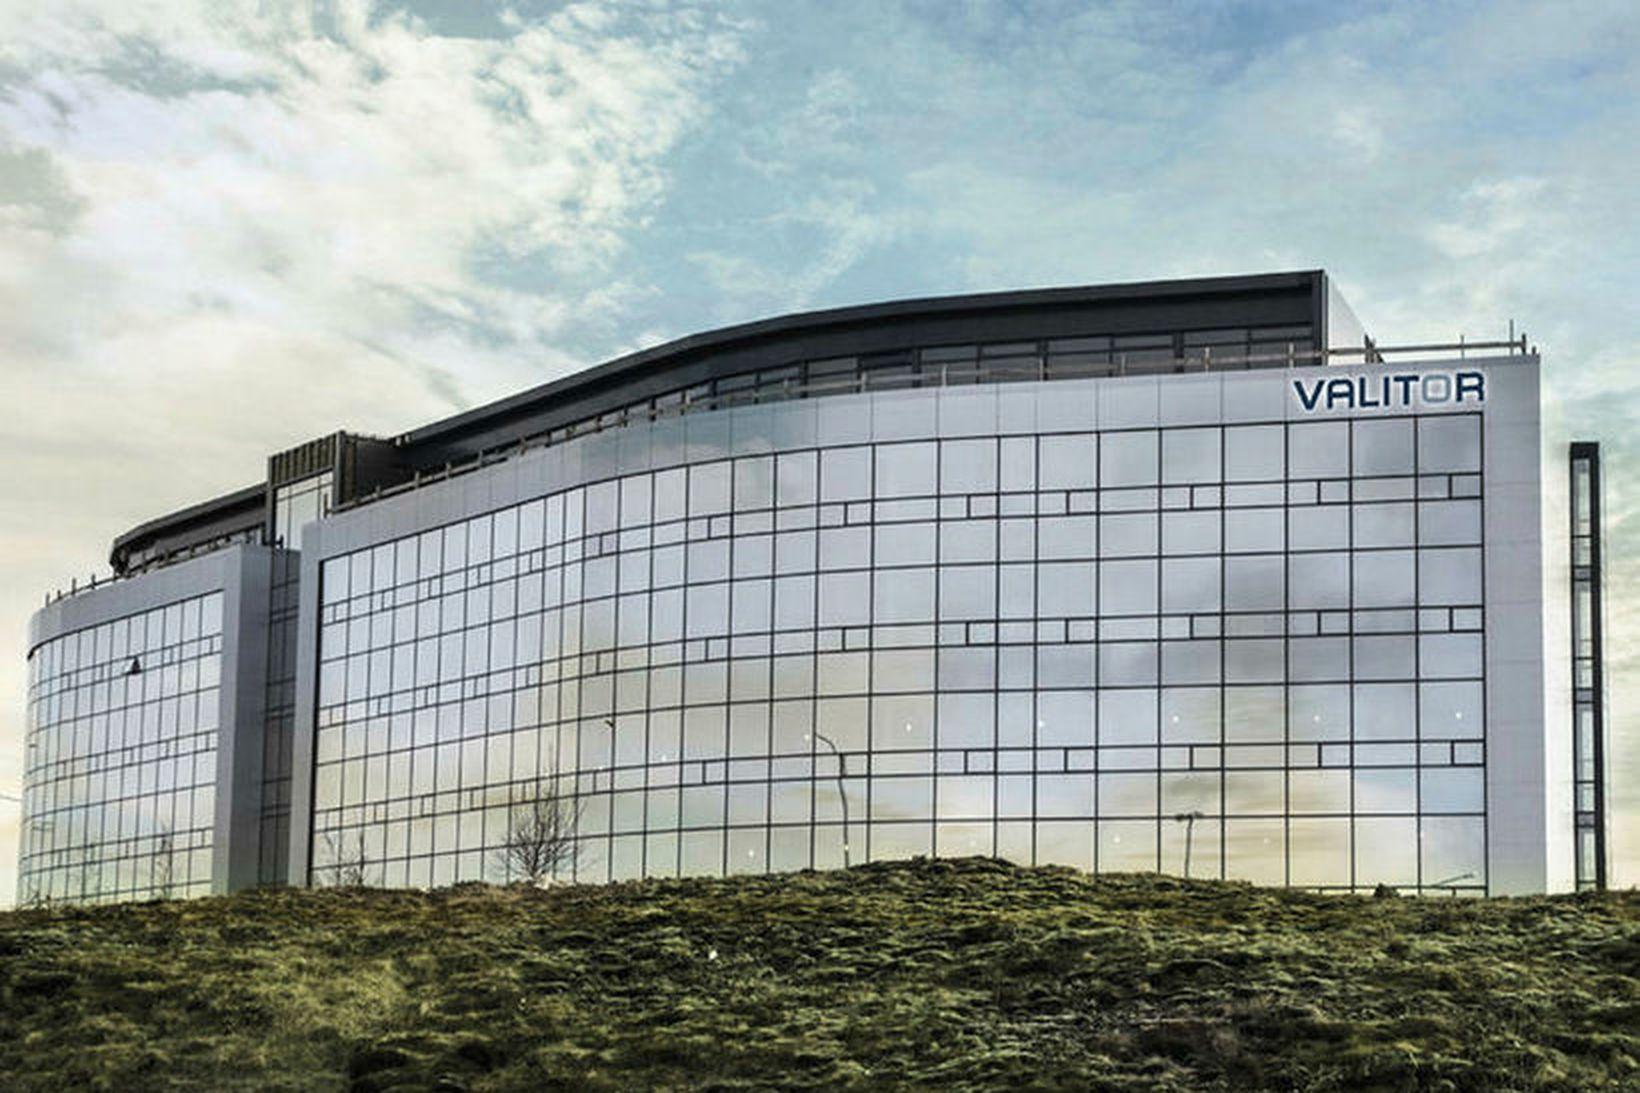 Höfuðstöðvar Valitor við Dalshraun í Hafnarfirði.